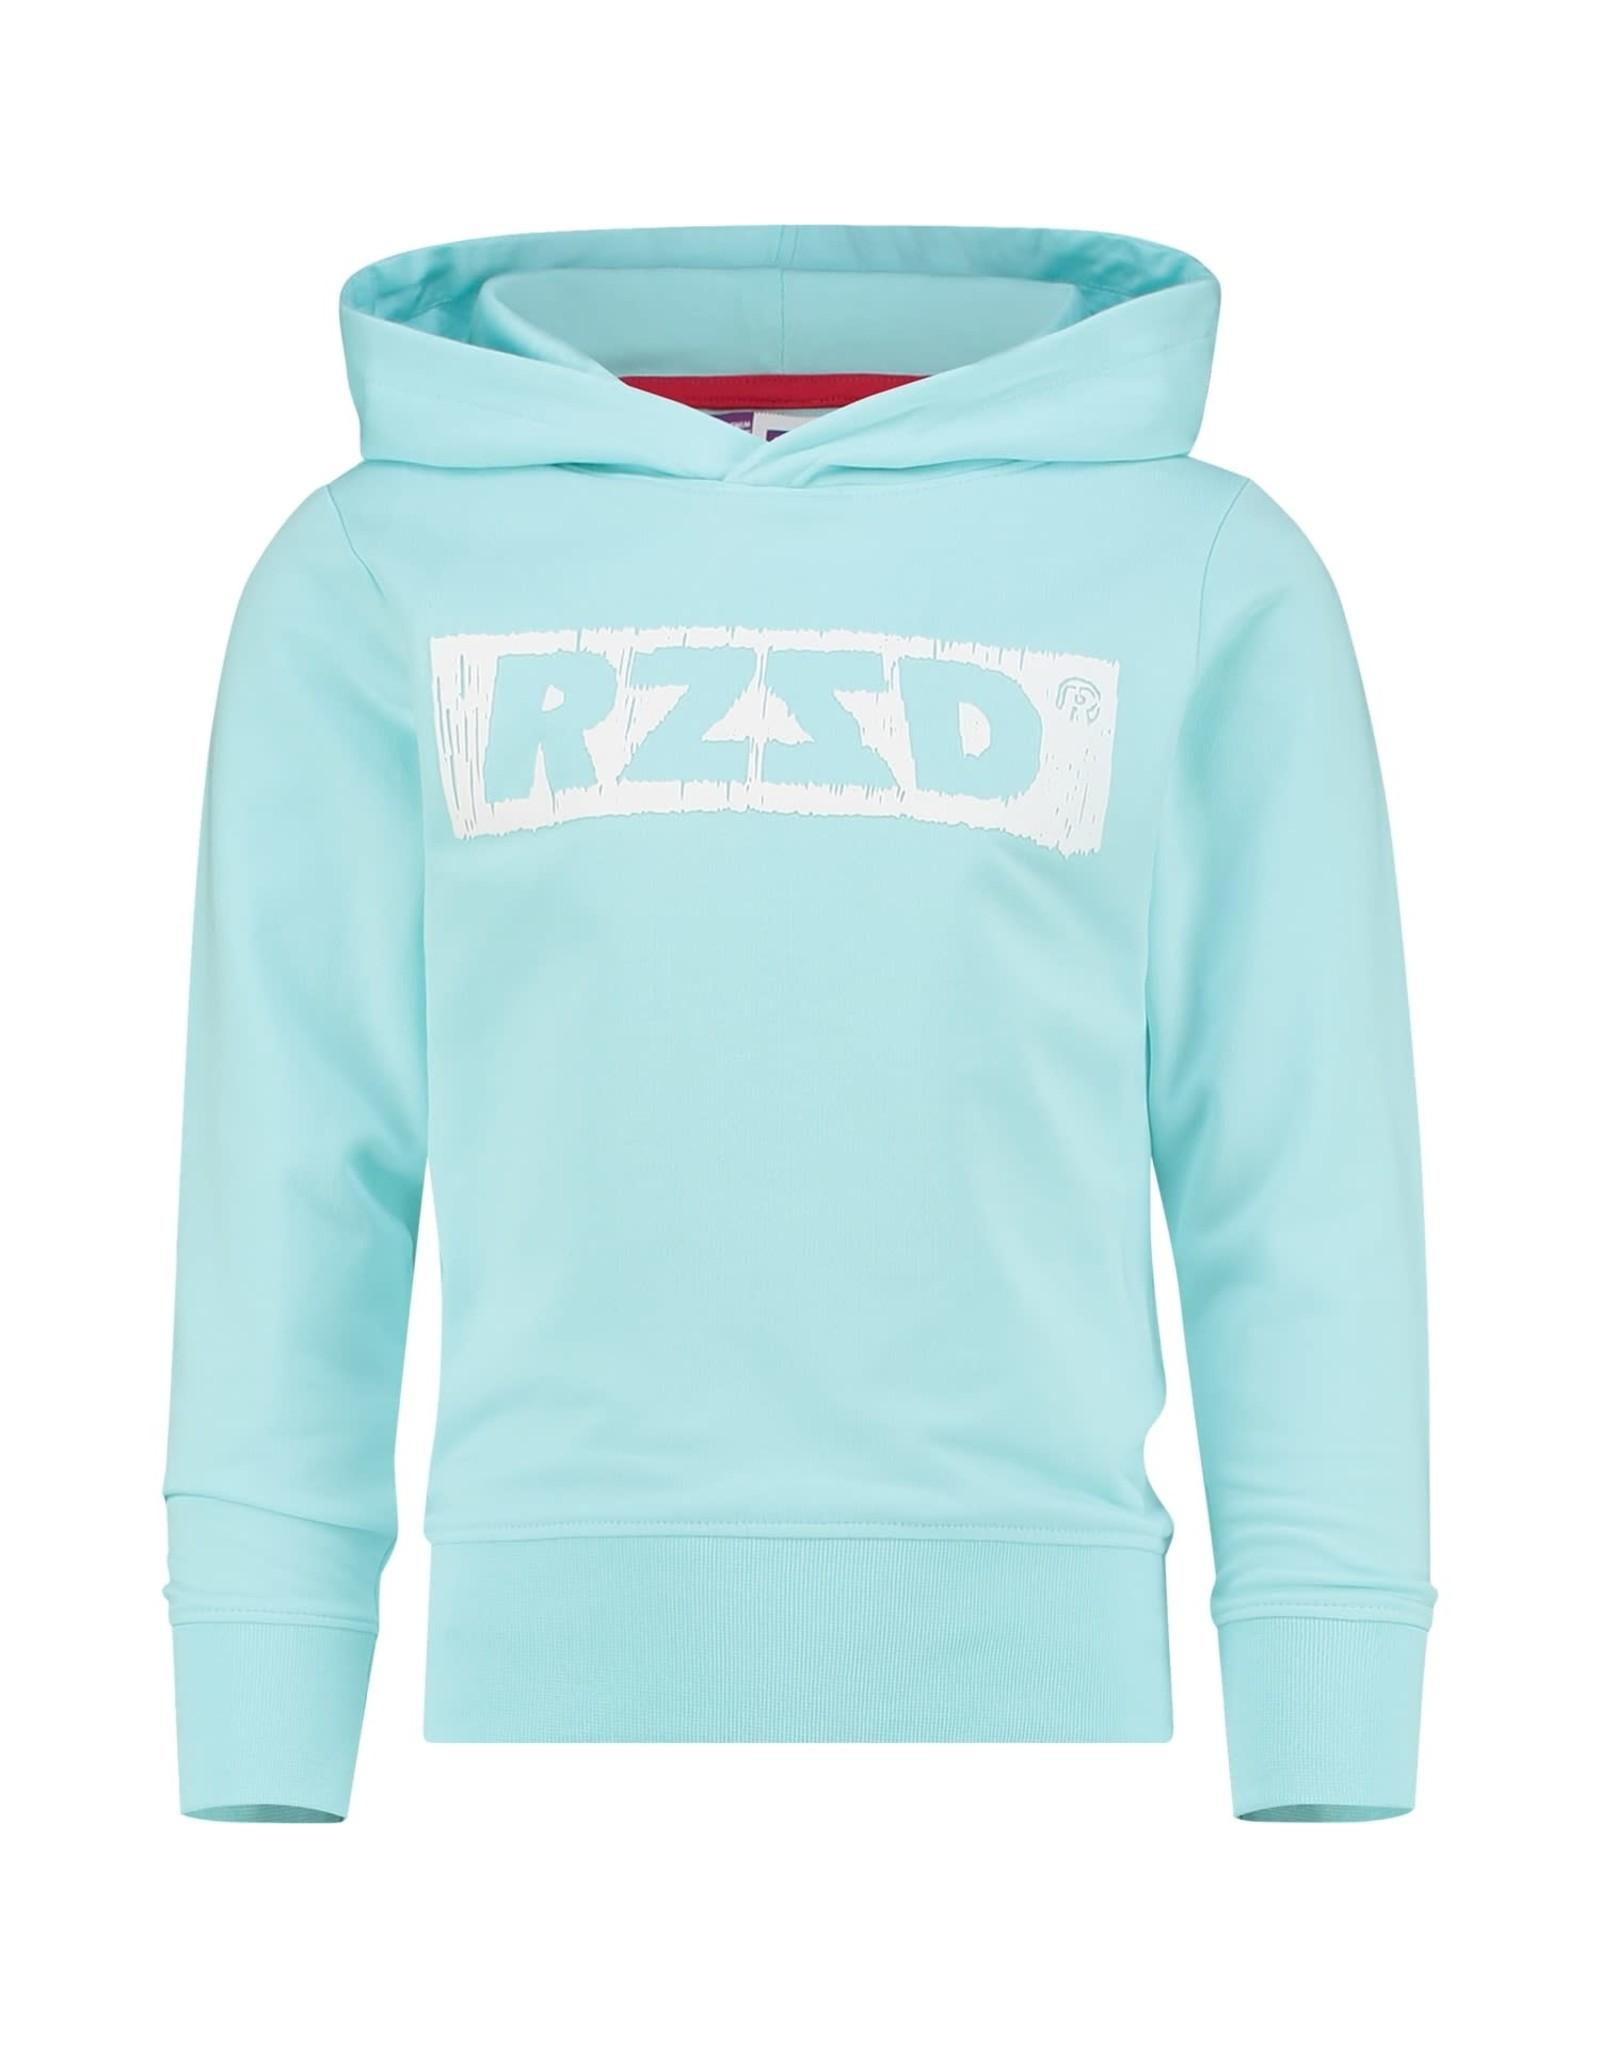 Raizzed Raizzed meiden hoodie Perth Heaven Blue S21